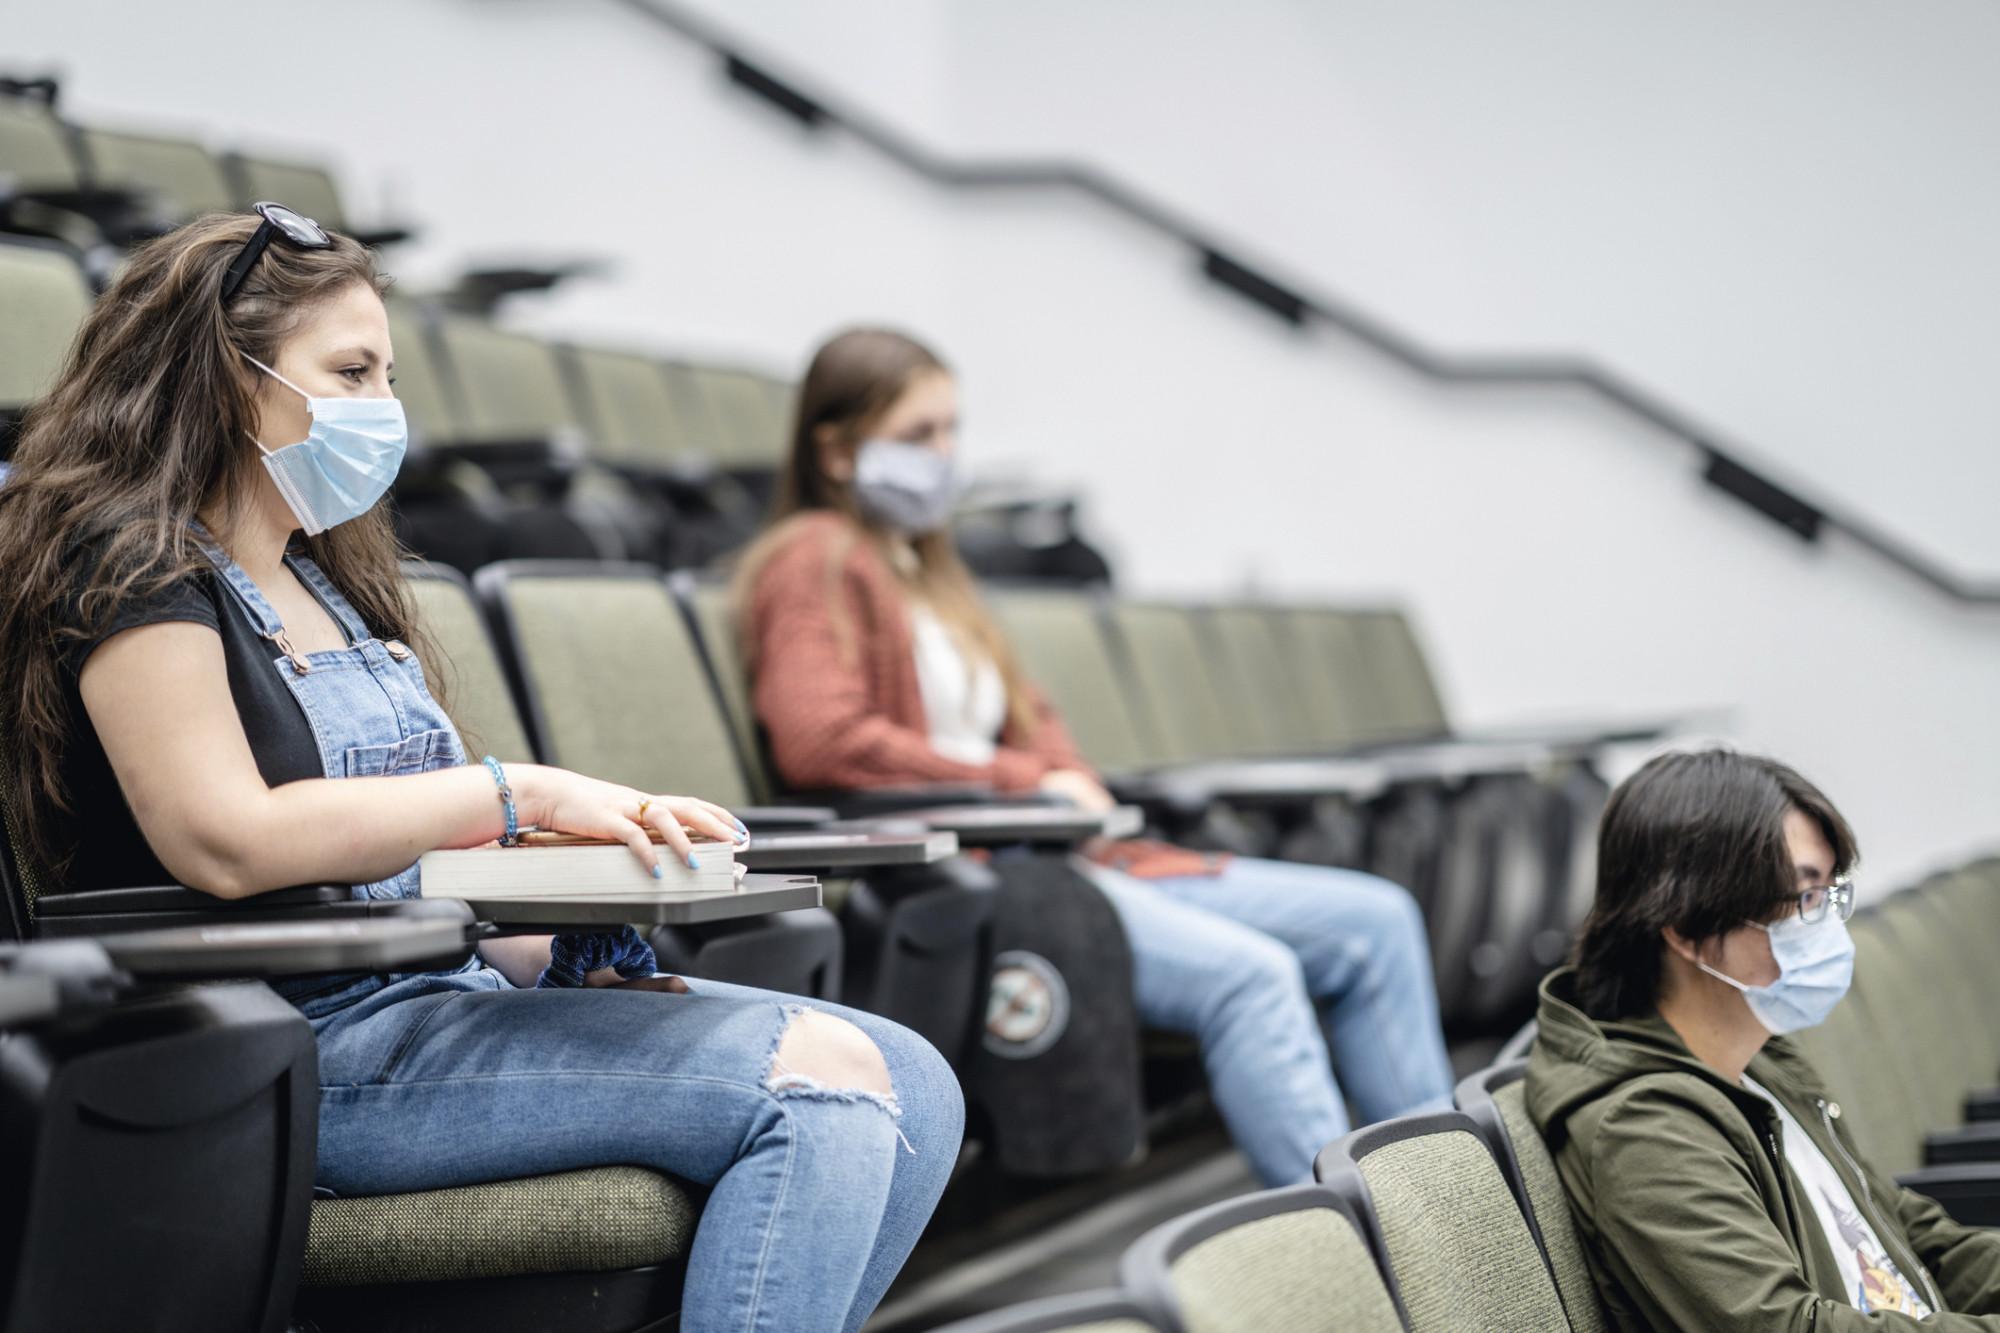 ác trường đại học ở Mỹ và nhiều nước trên thế giới đang siết chặt quy định tiêm vắc xin COVID-19 khi kỳ nhập học mùa thu đang đến gần - Ảnh: Getty Images